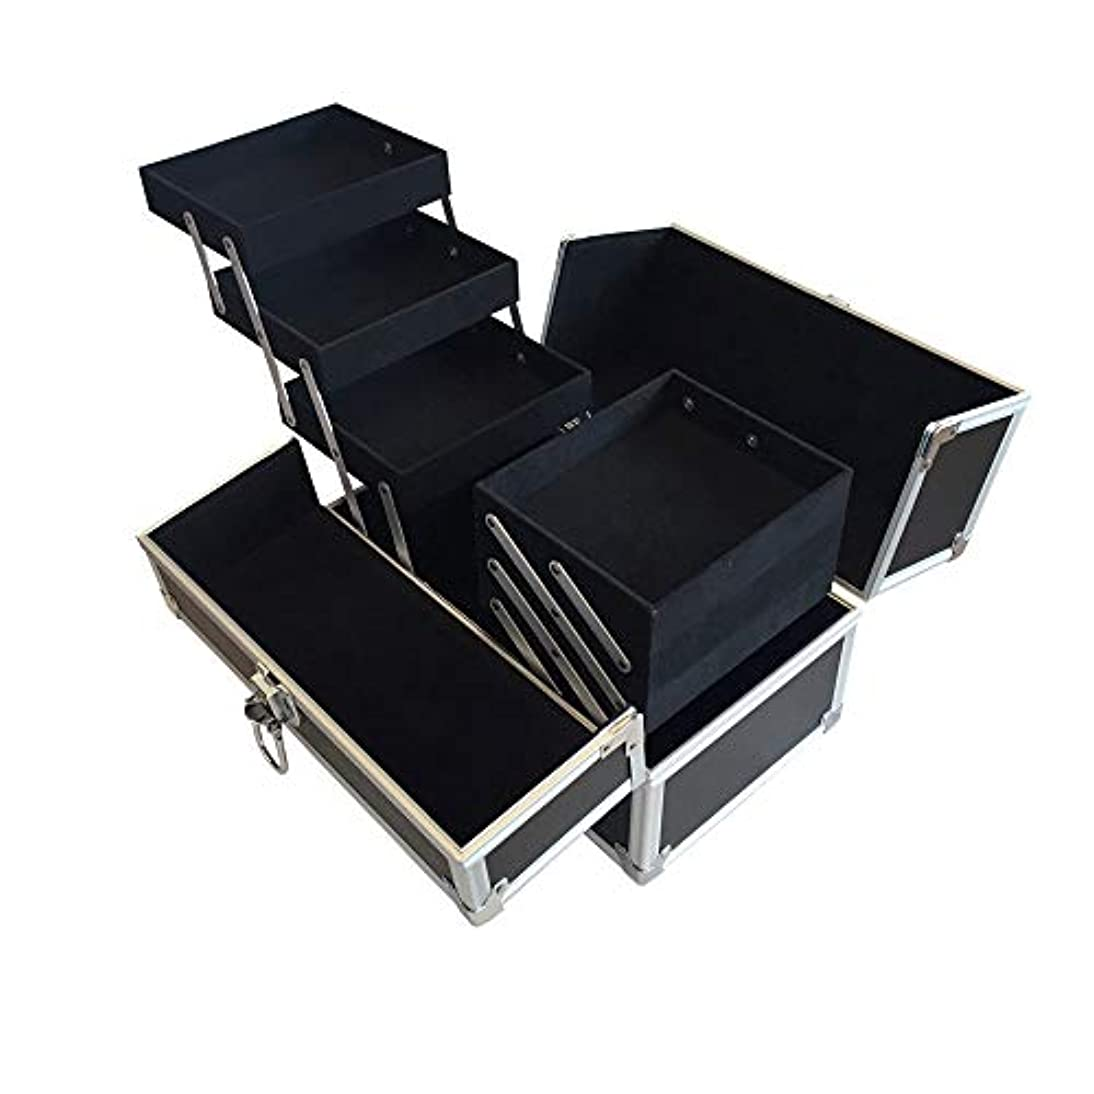 事前演じるスラムリライアブル コスメボックス RB001-BK 鍵付き プロ仕様 メイクボックス 大容量 化粧品収納 小物入れ 6段トレー ベロア メイクケース コスメBOX 持ち運び ネイルケース